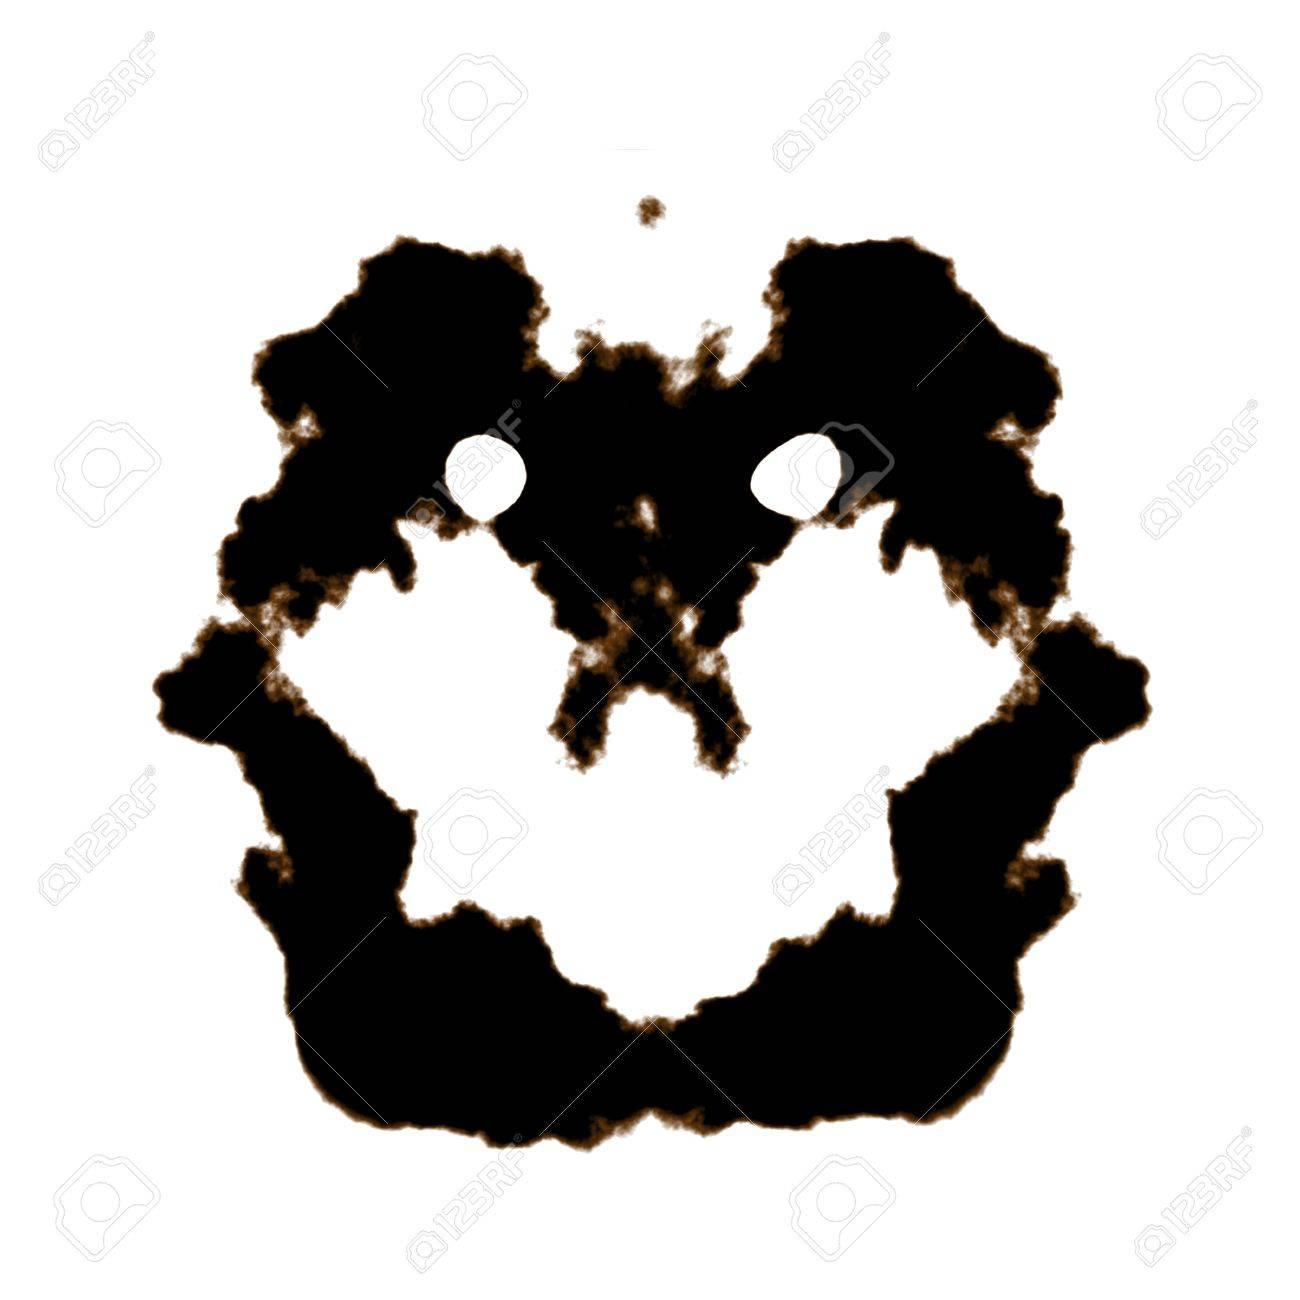 Rorschach Test of an Ink Blot Card Stock Photo - 7330587